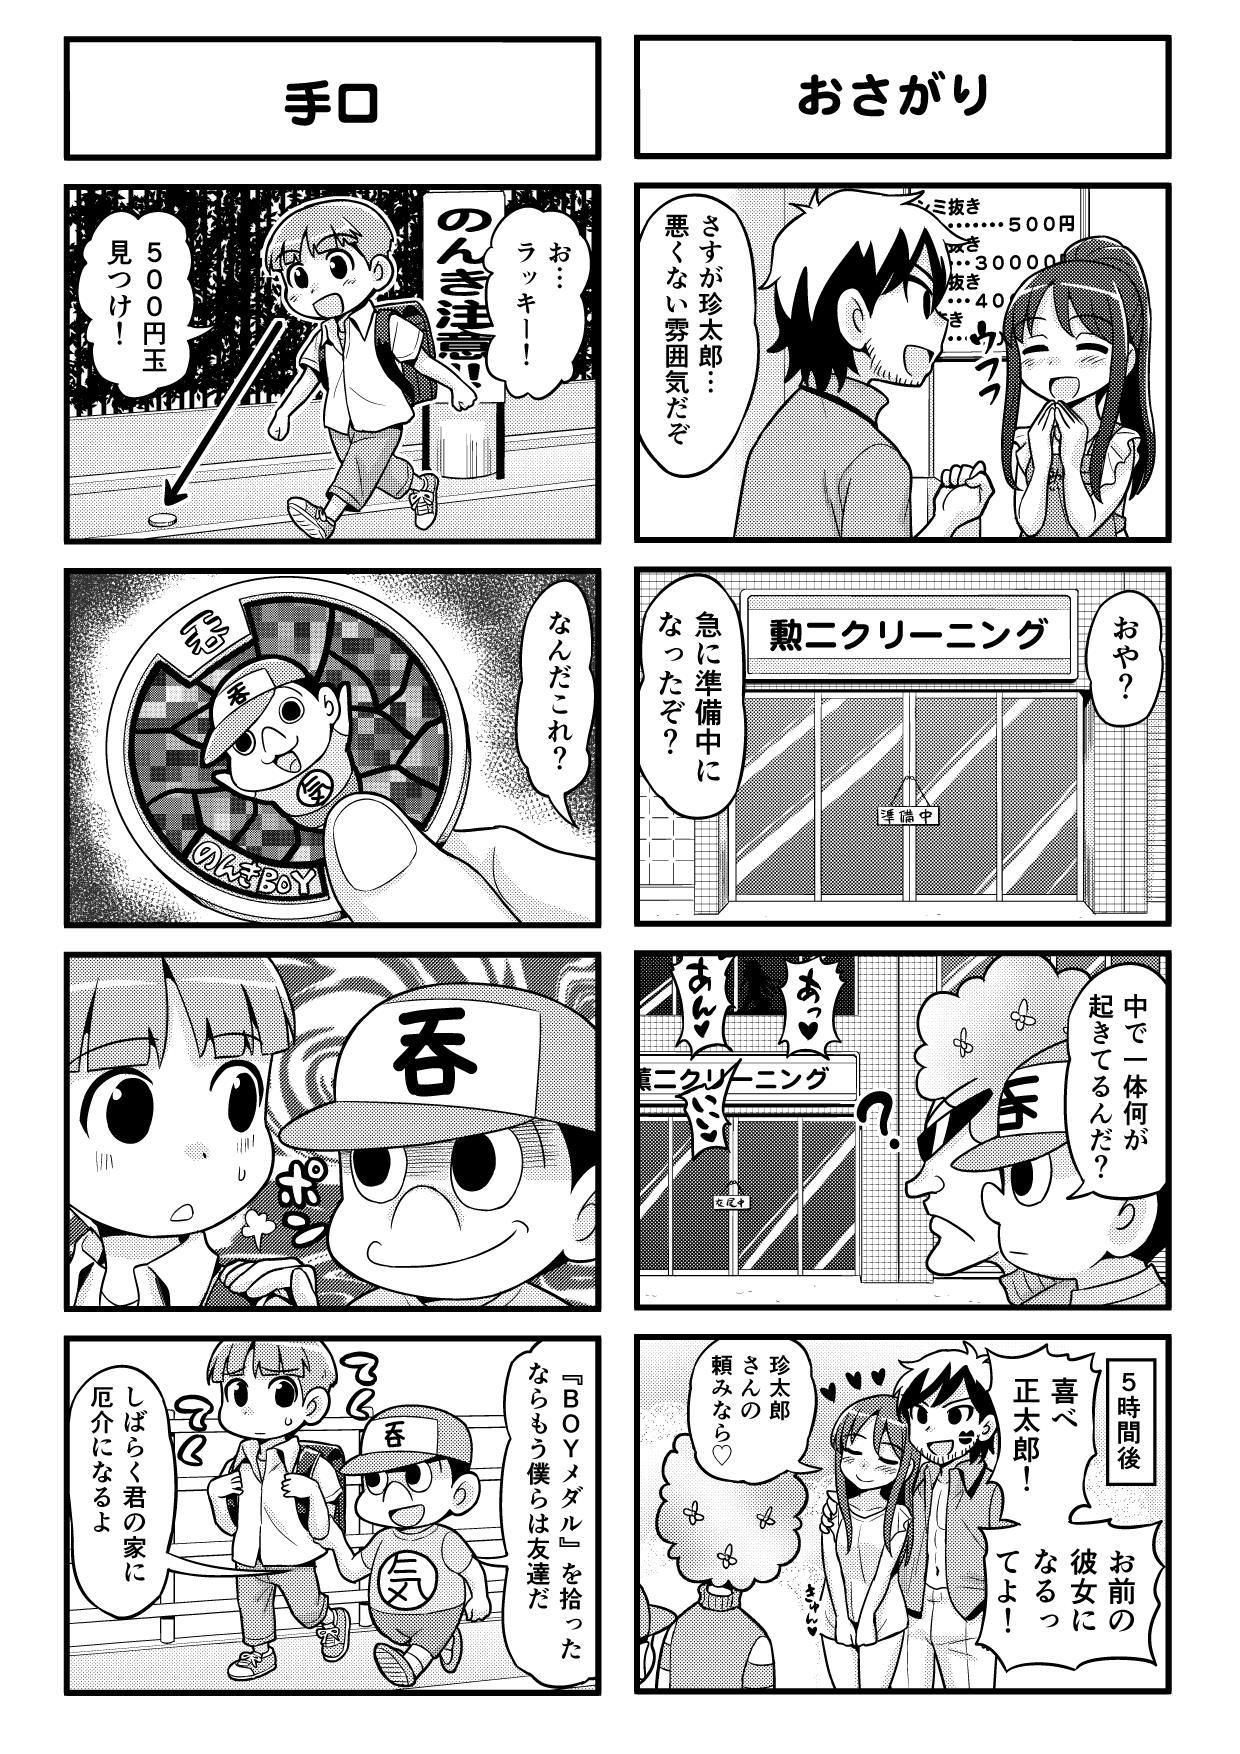 のんきBOY Ch. 1-20 67